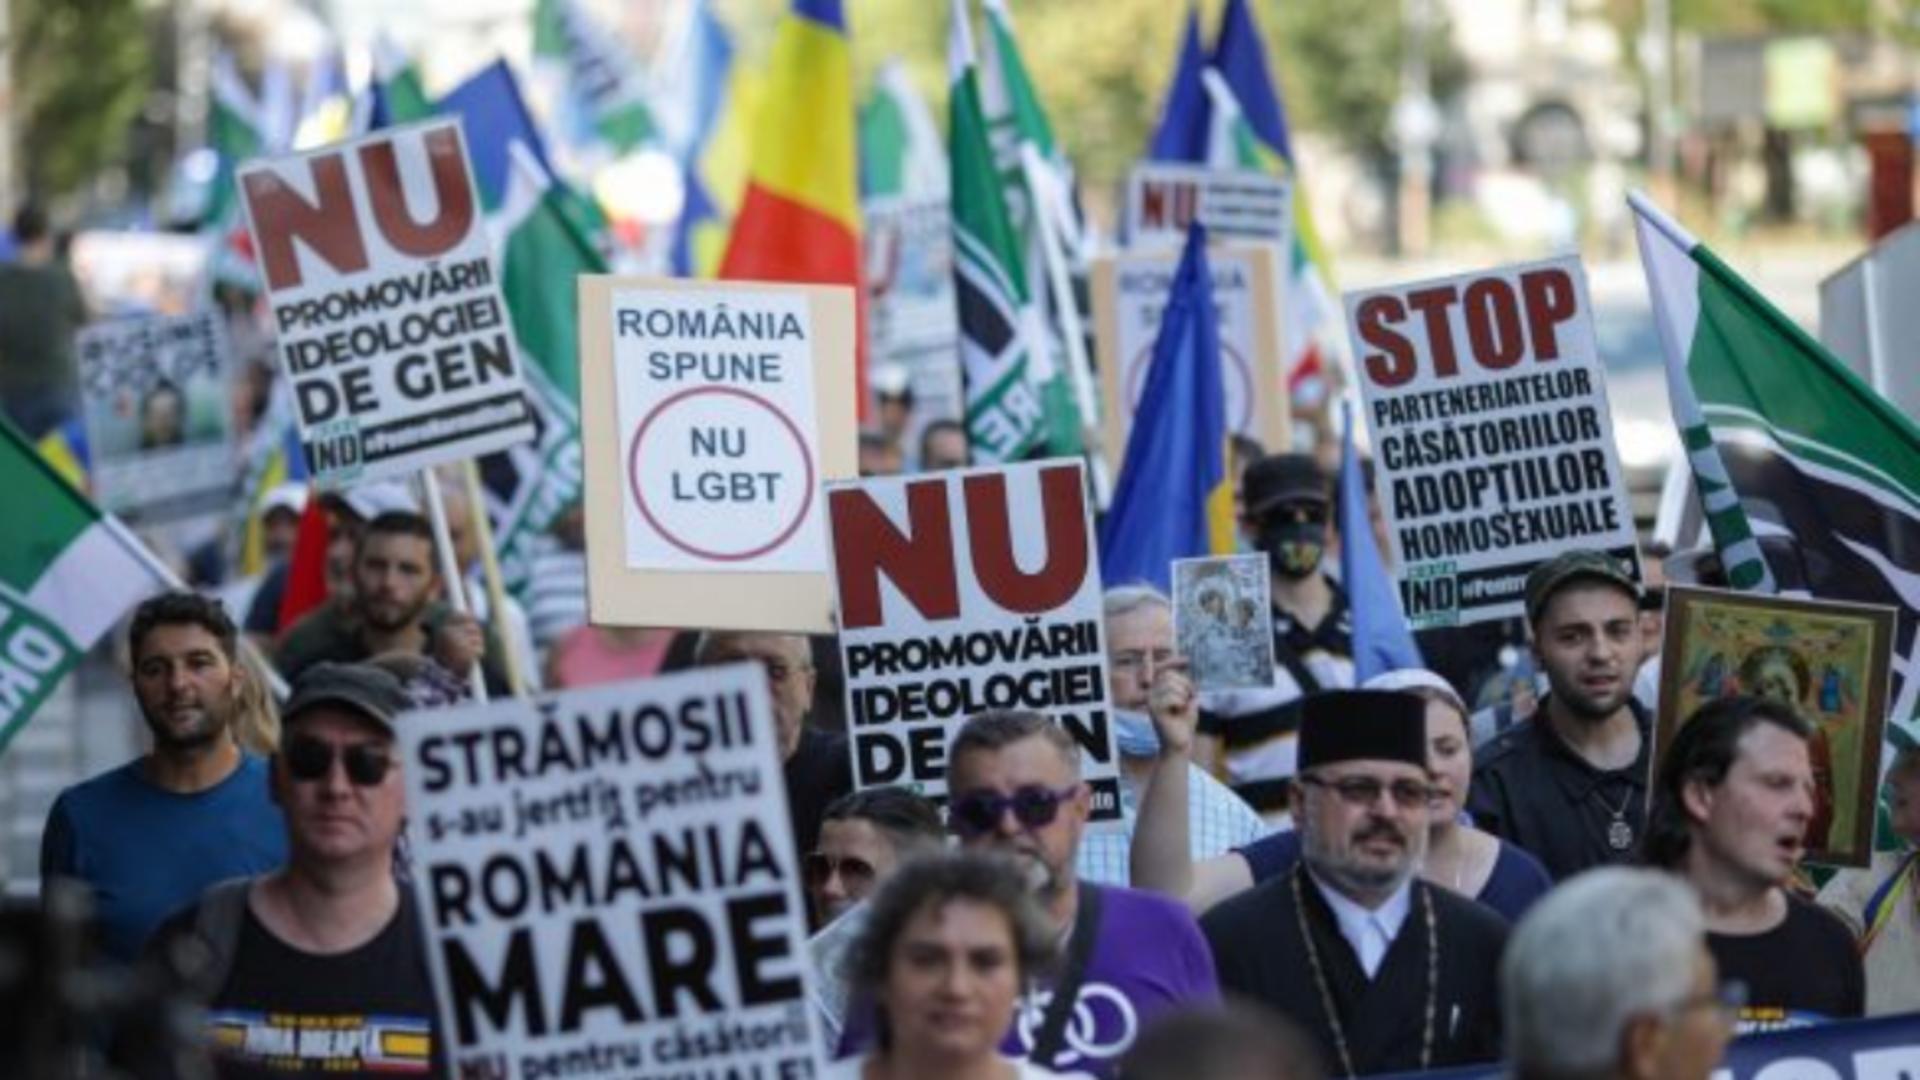 Marșul normalității, la București - SUTE de oameni, militanți pentru familia tradițională Foto: Captură Video